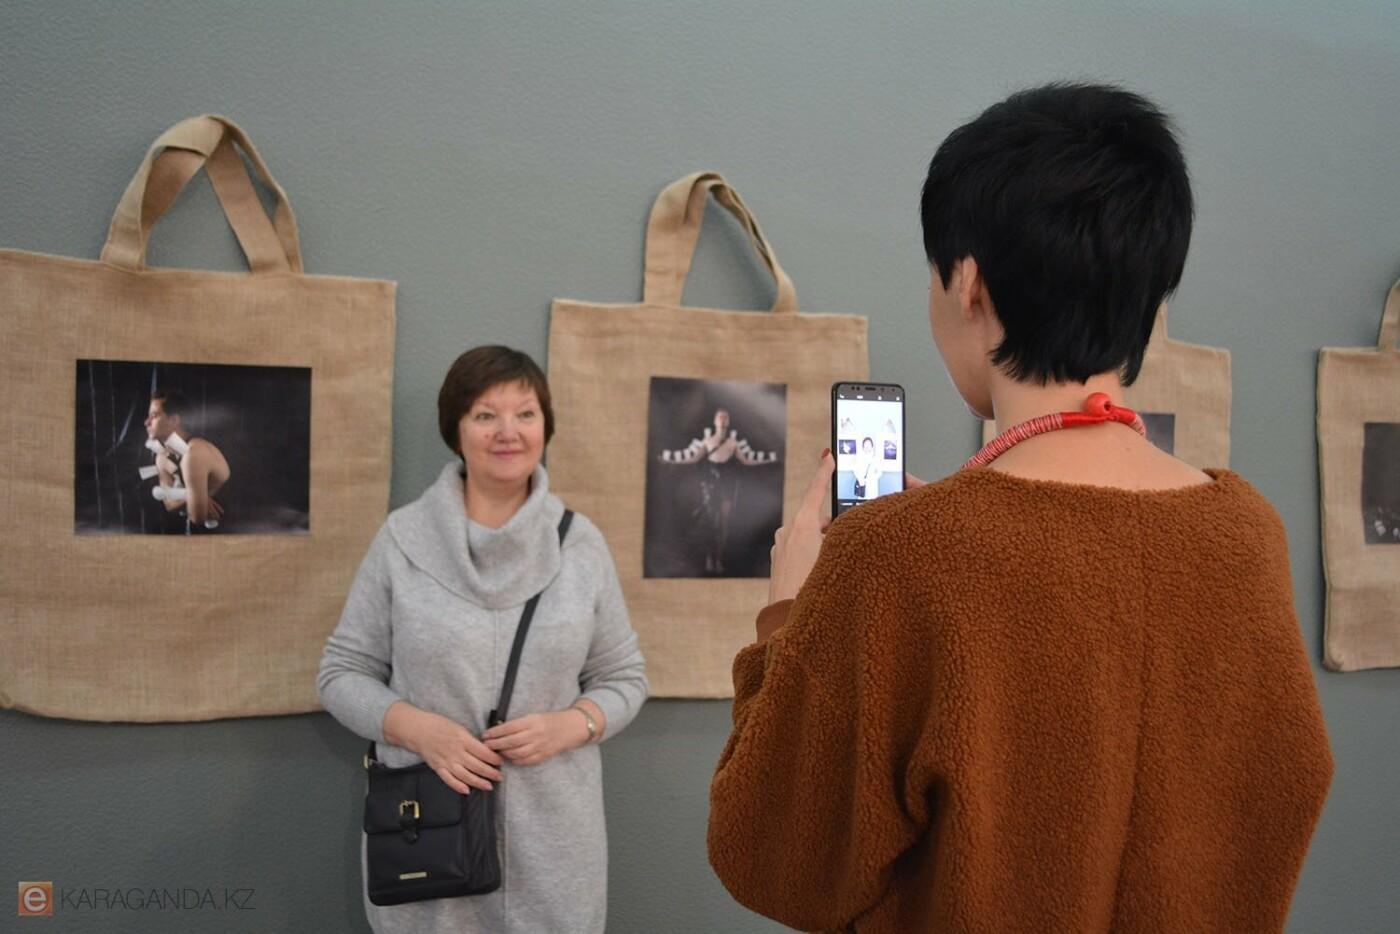 В Караганде проведена выставка «Монолог 33», фото-7